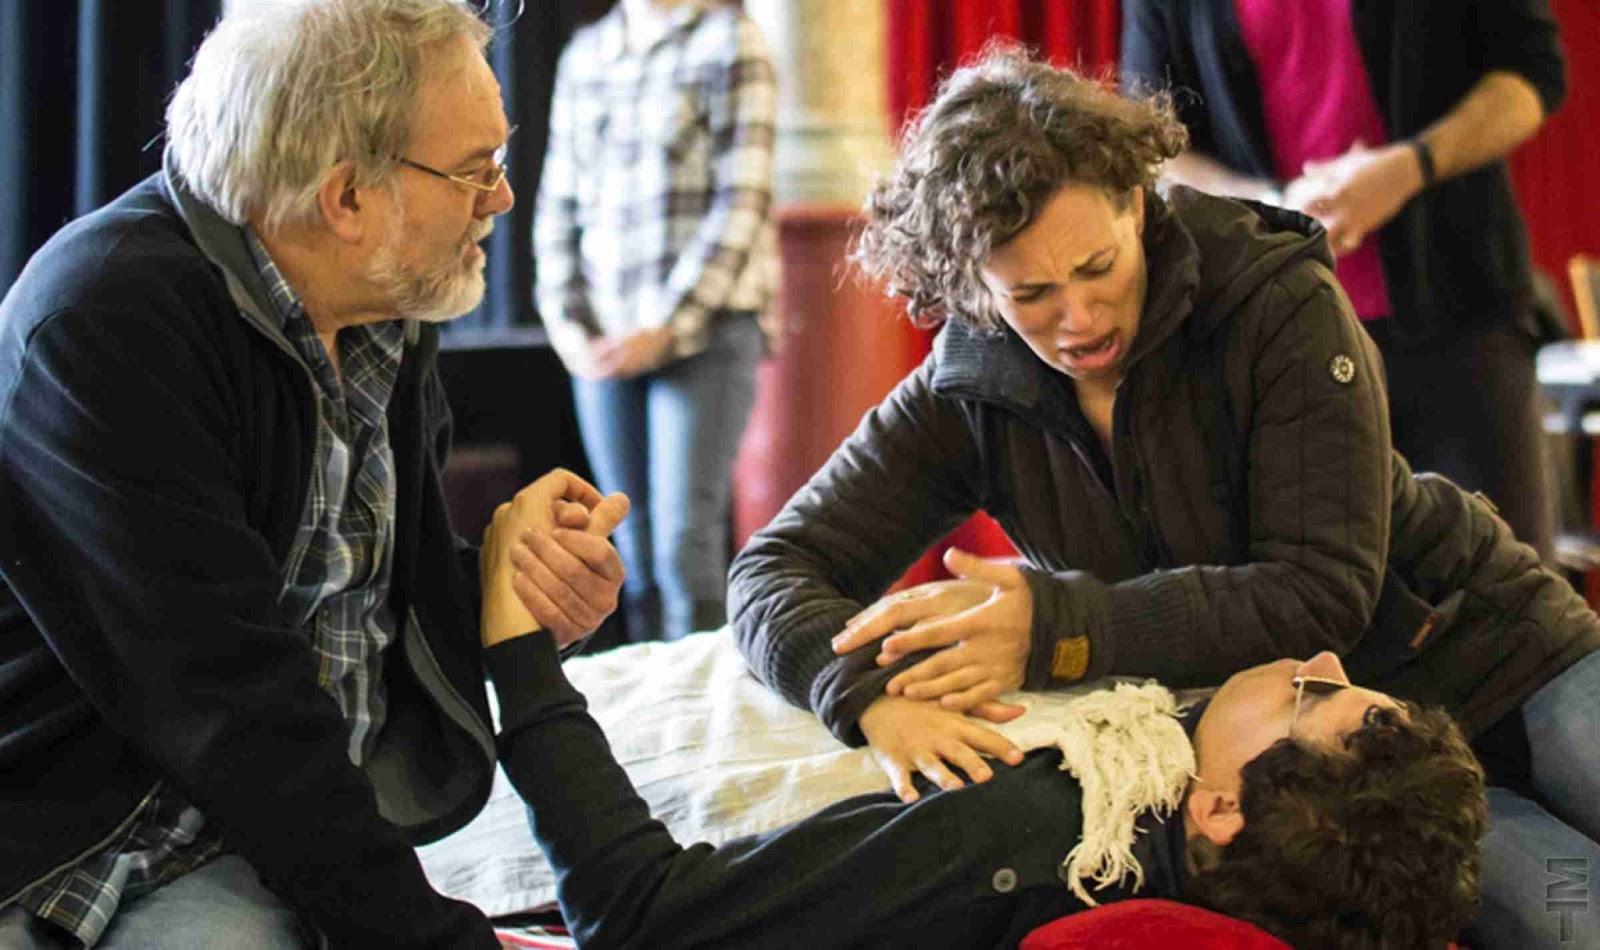 Théâtre musical: Gianni Schicchi est raccordé au Téléphone